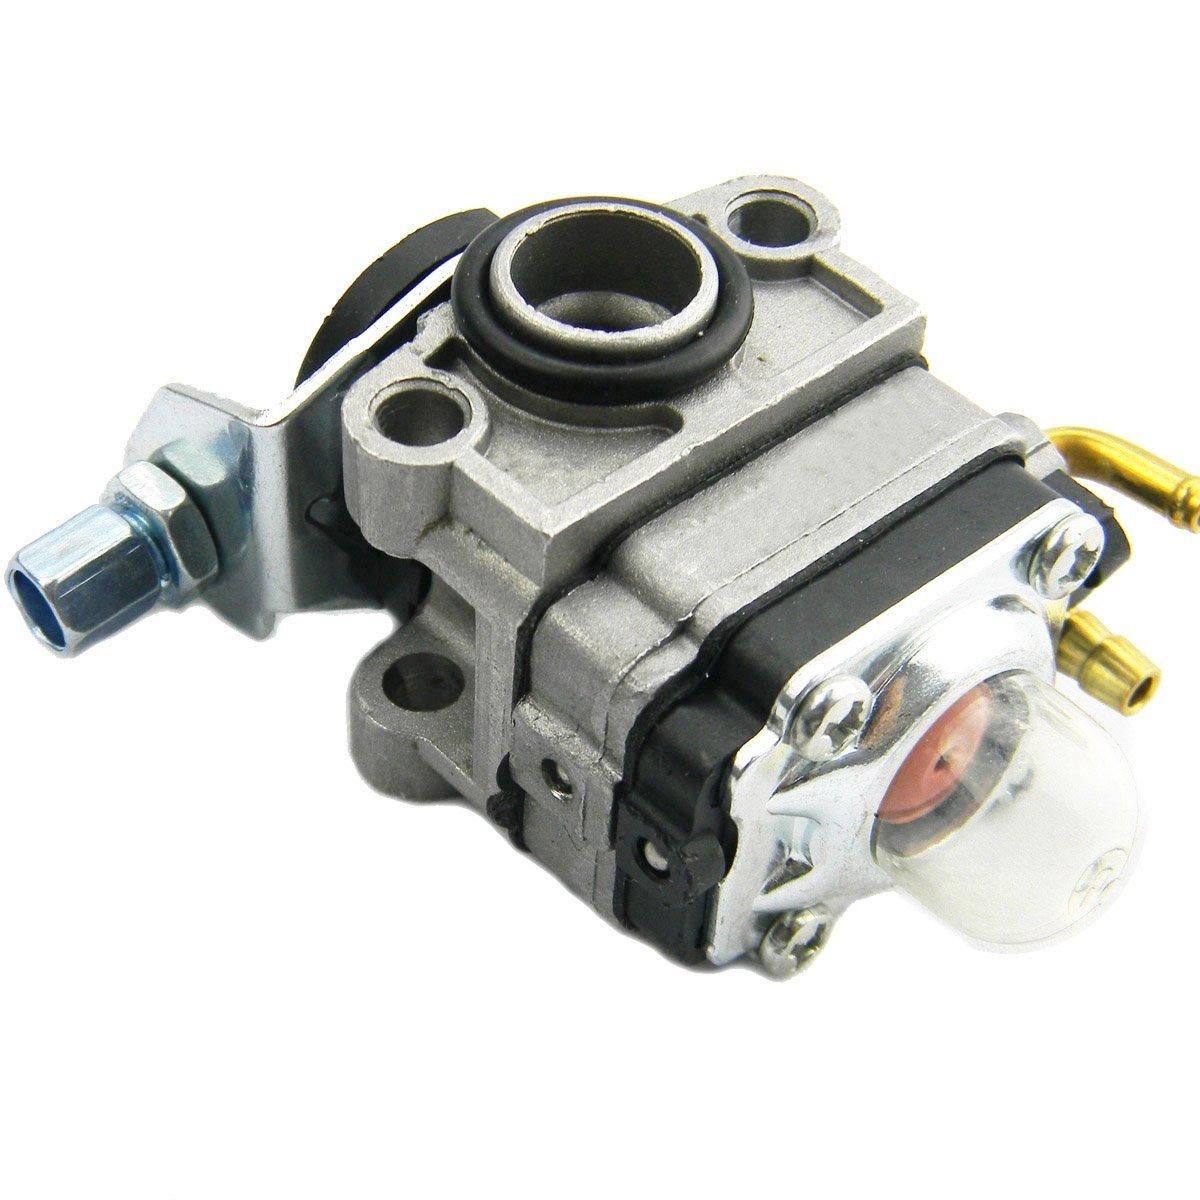 Cheap Gx31 Honda Gx31 Engine Parts, find Gx31 Honda Gx31 Engine